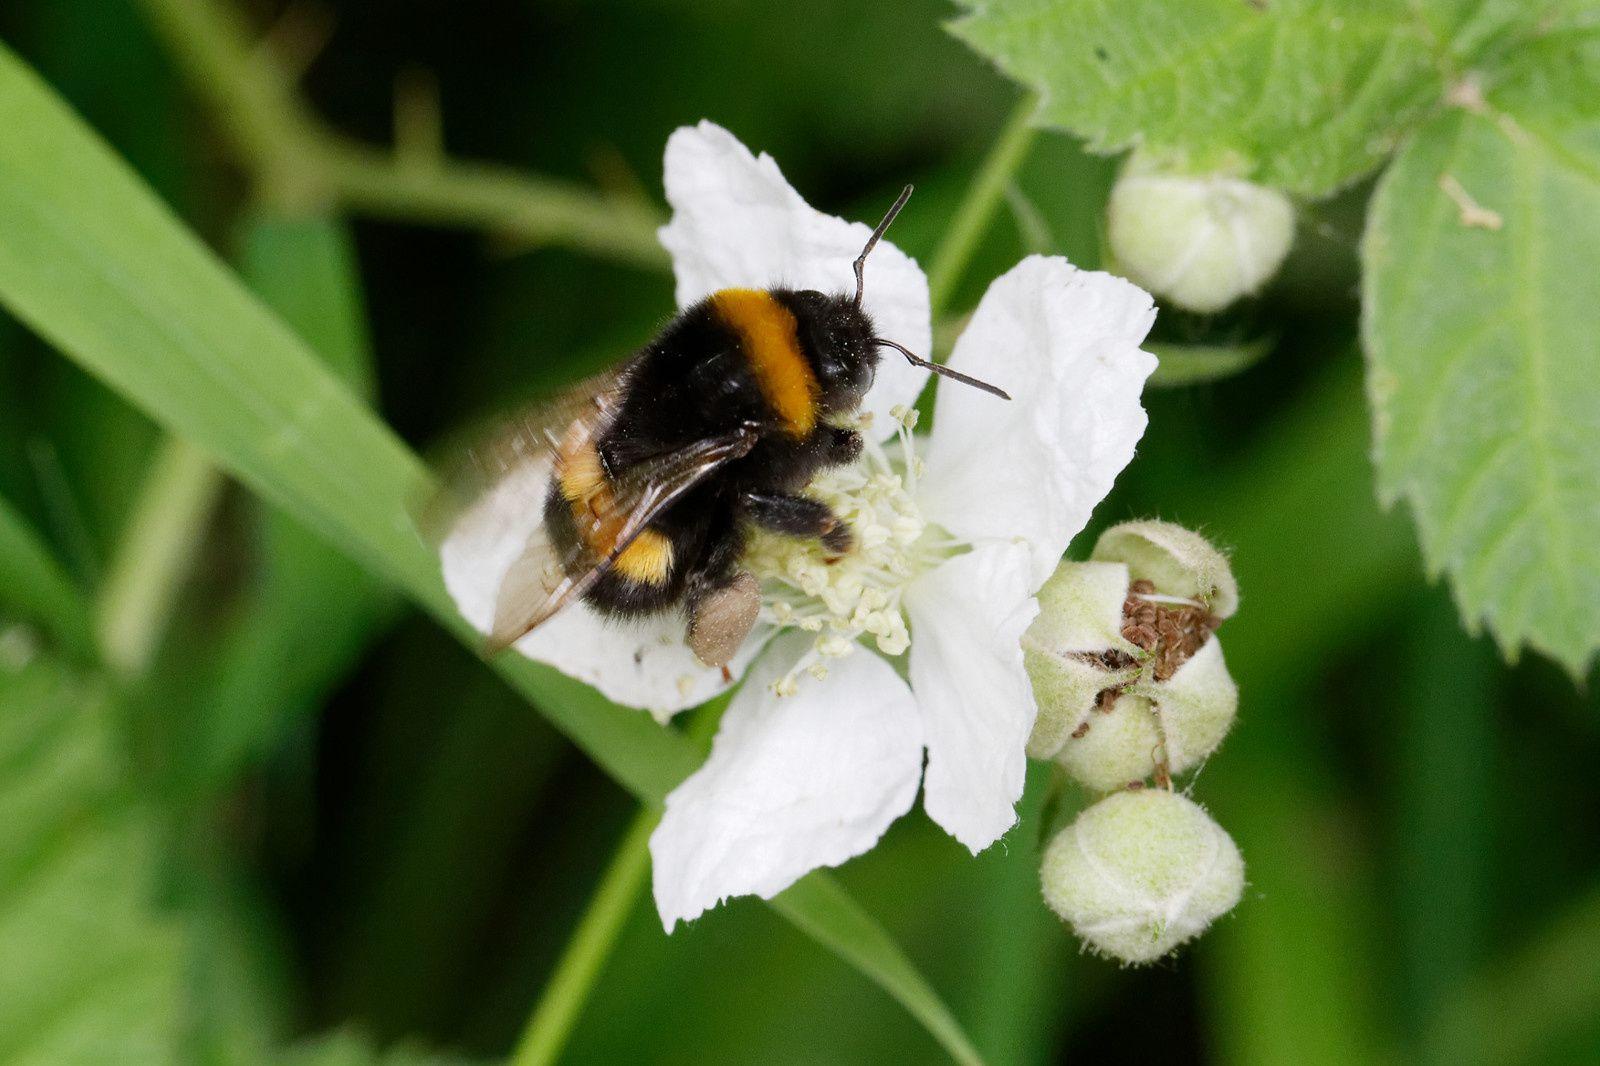 Regardez le pollen accroché à ses pattes.